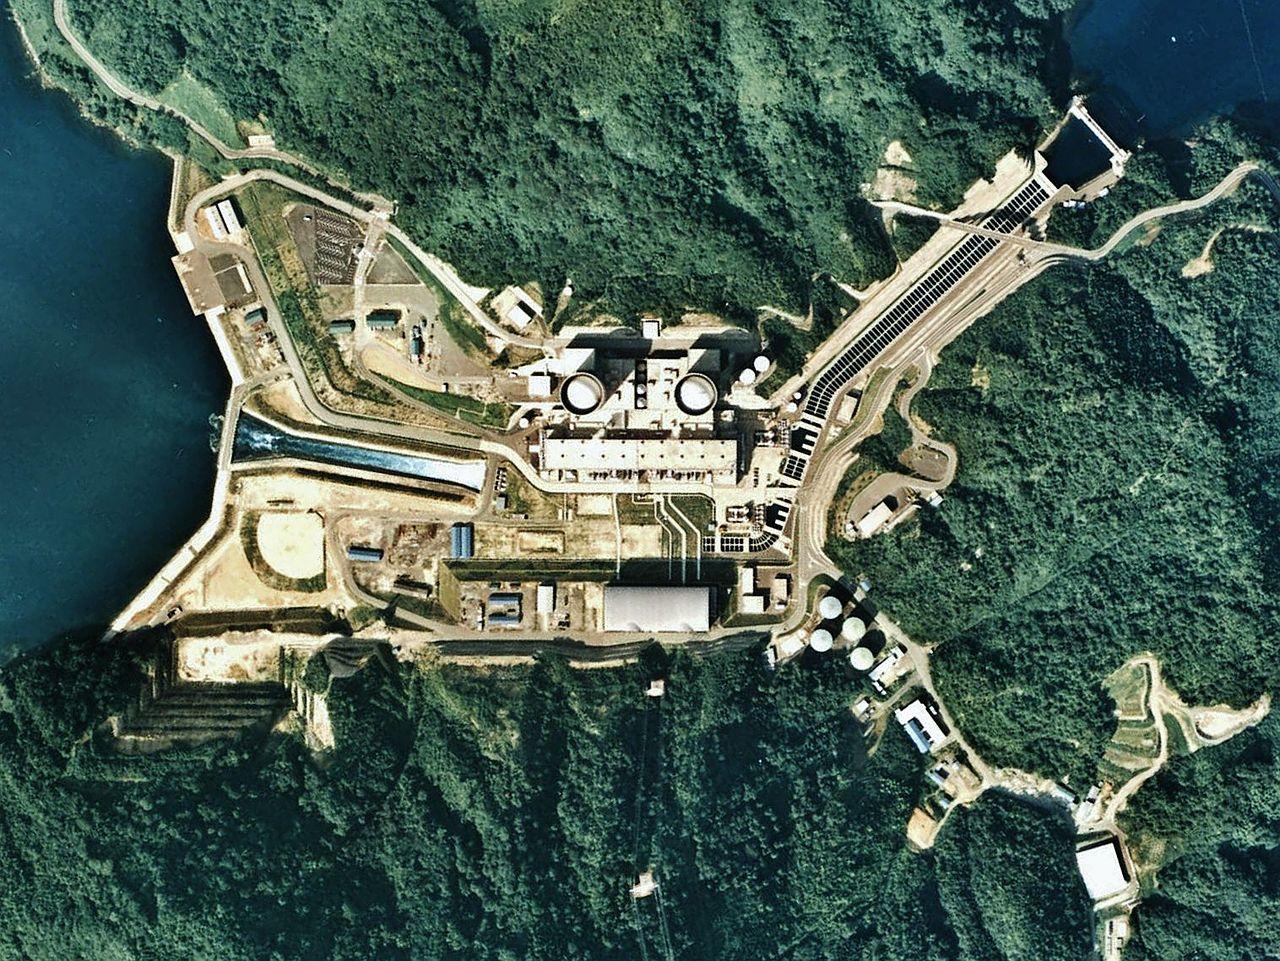 Regulační úřad dokončil bezpečnostní přezkum třetího a čtvrtého bloku JE Takahama